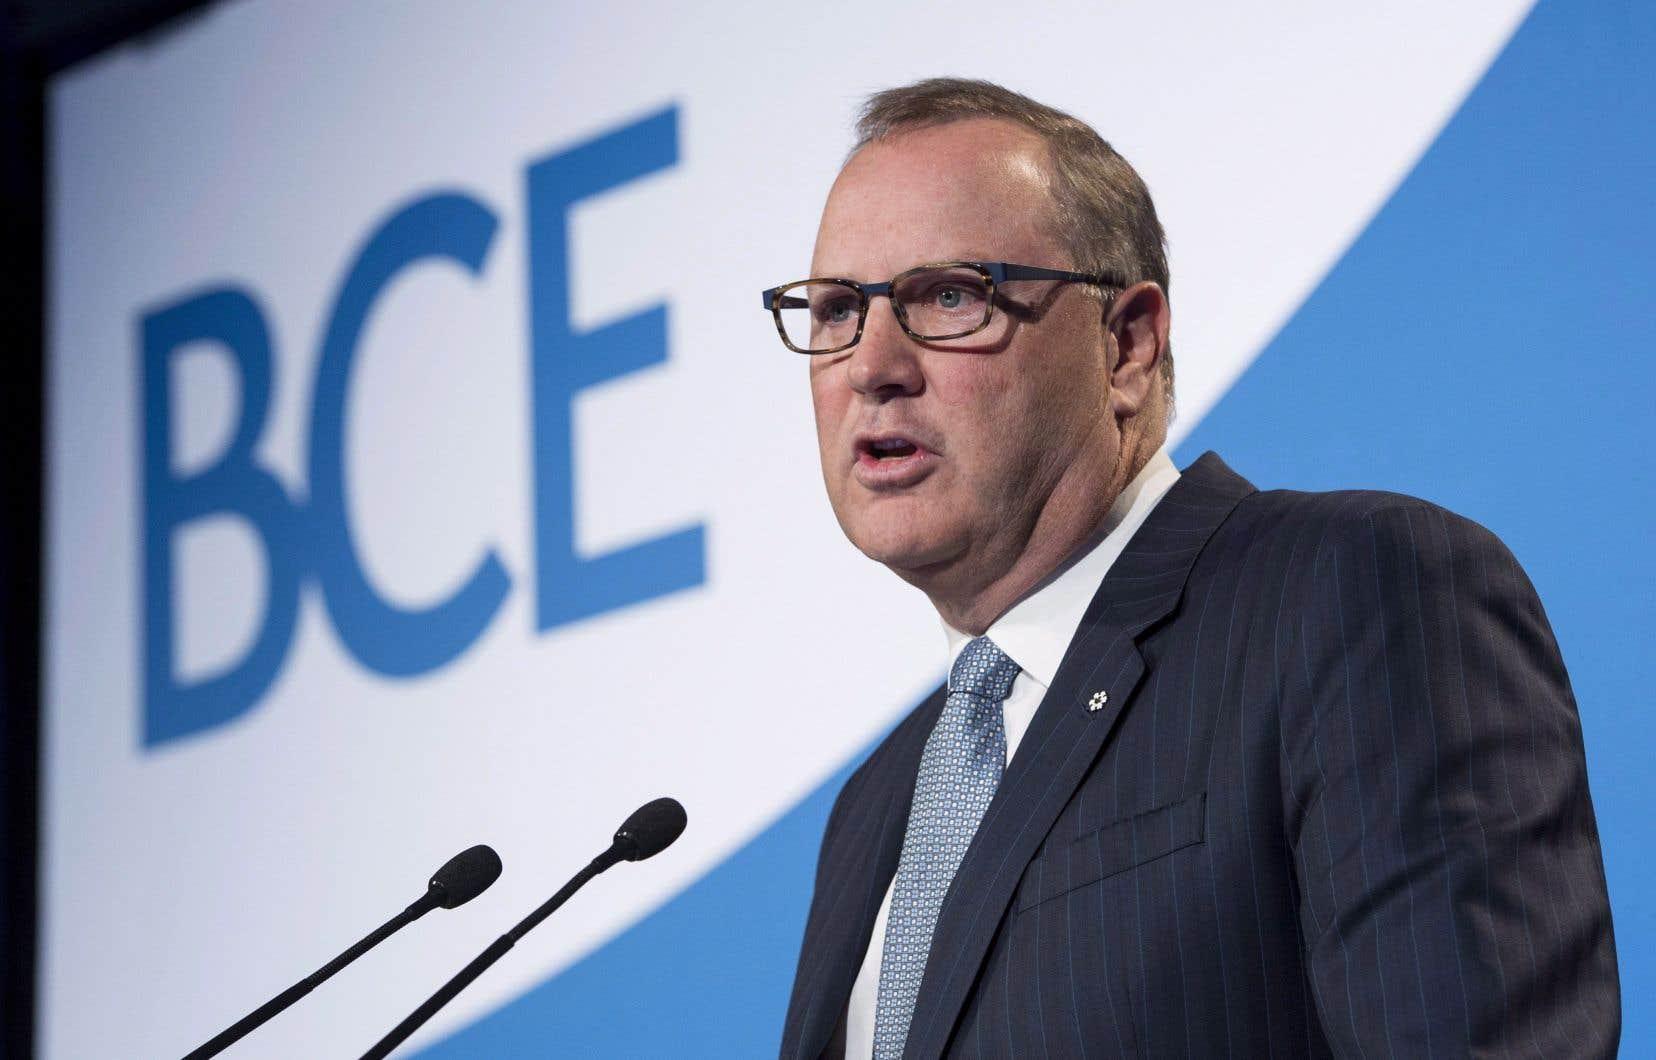 Le chef de la direction de BCE, George Cope, a indiqué jeudi queBell avait été soutenu par un contrat gouvernemental qui a commencé à se développer l'année dernière.